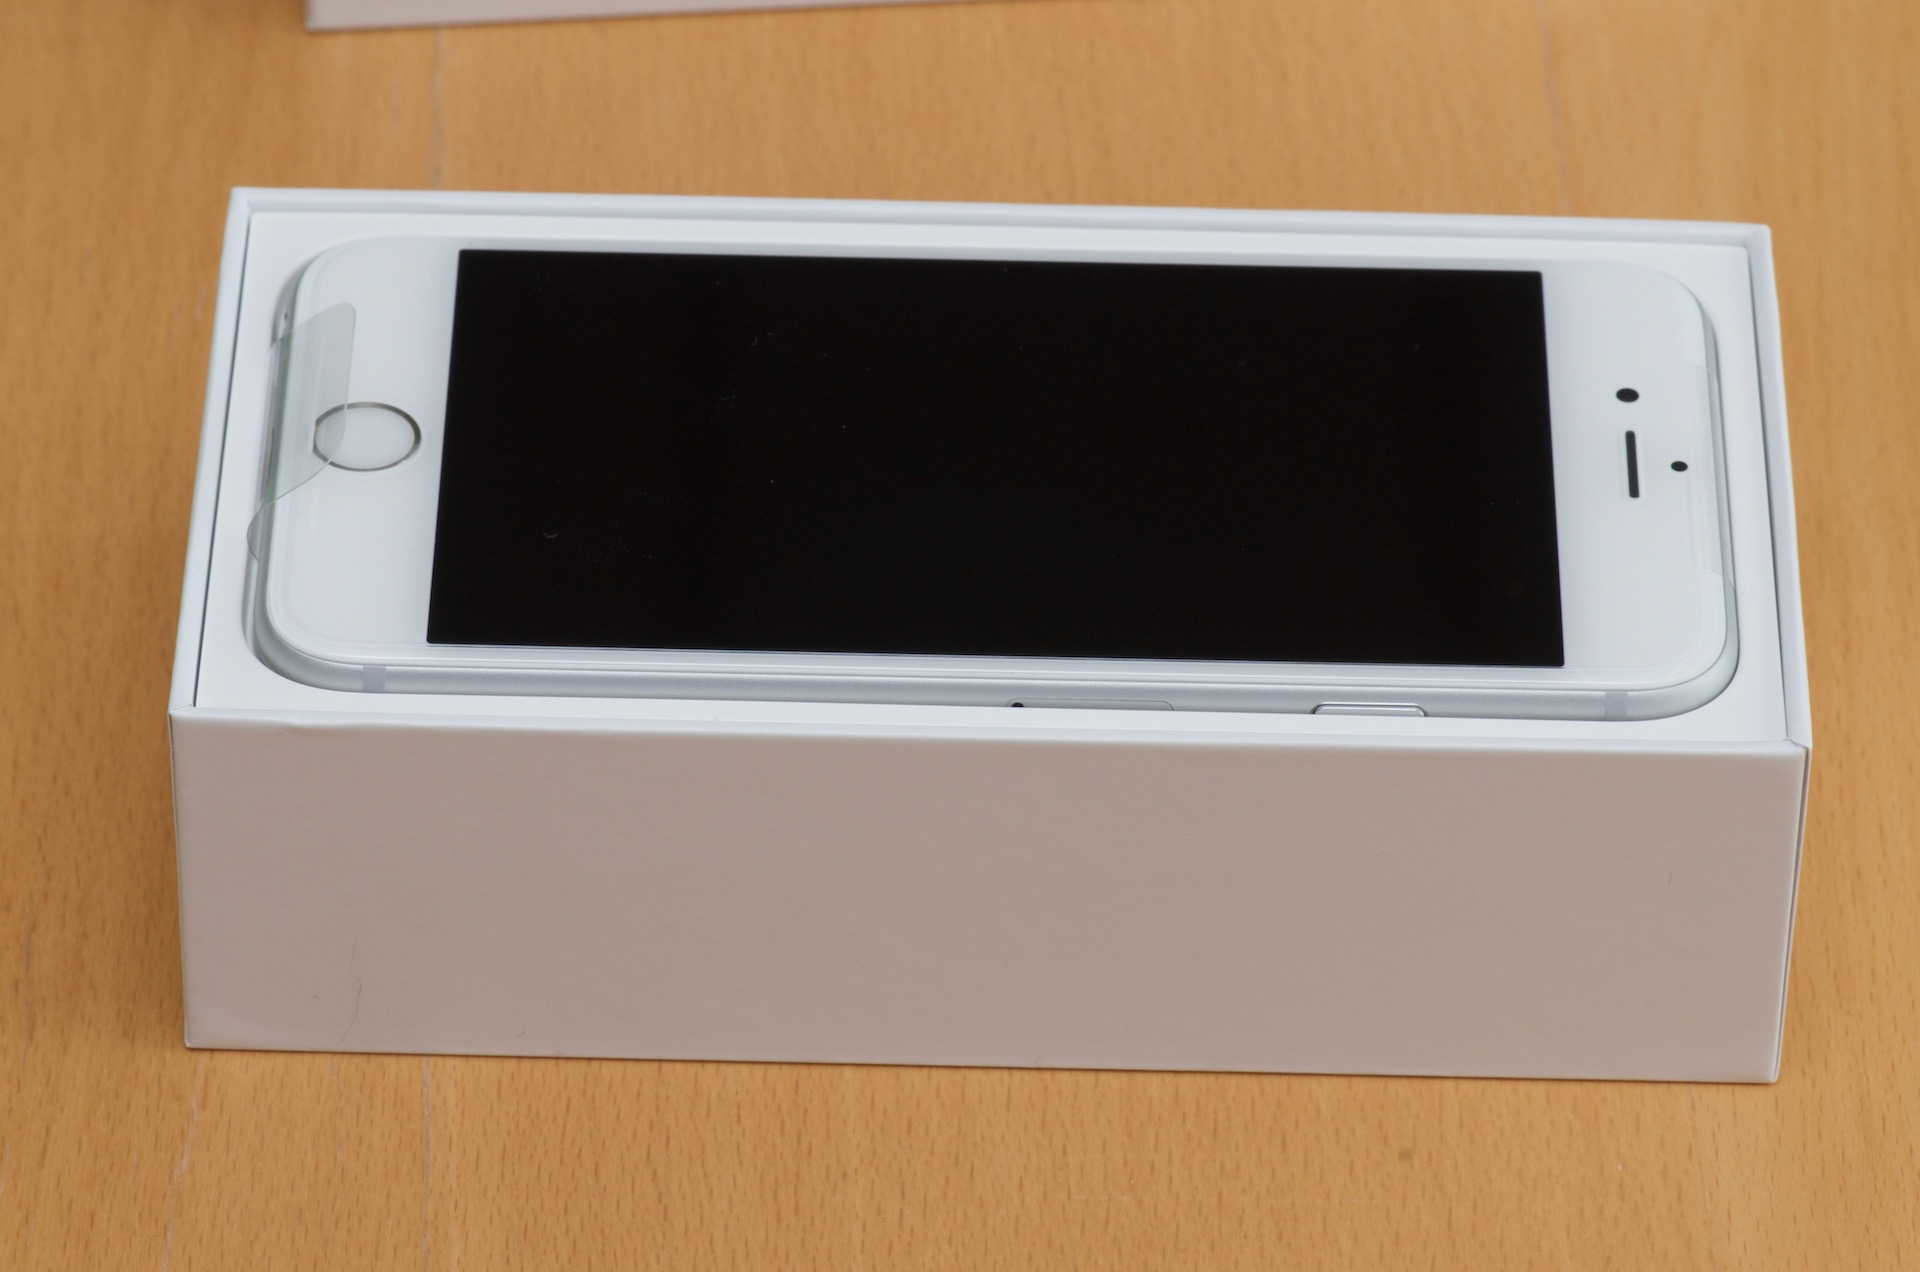 iphone 6s im live test stellen sie fragen news. Black Bedroom Furniture Sets. Home Design Ideas